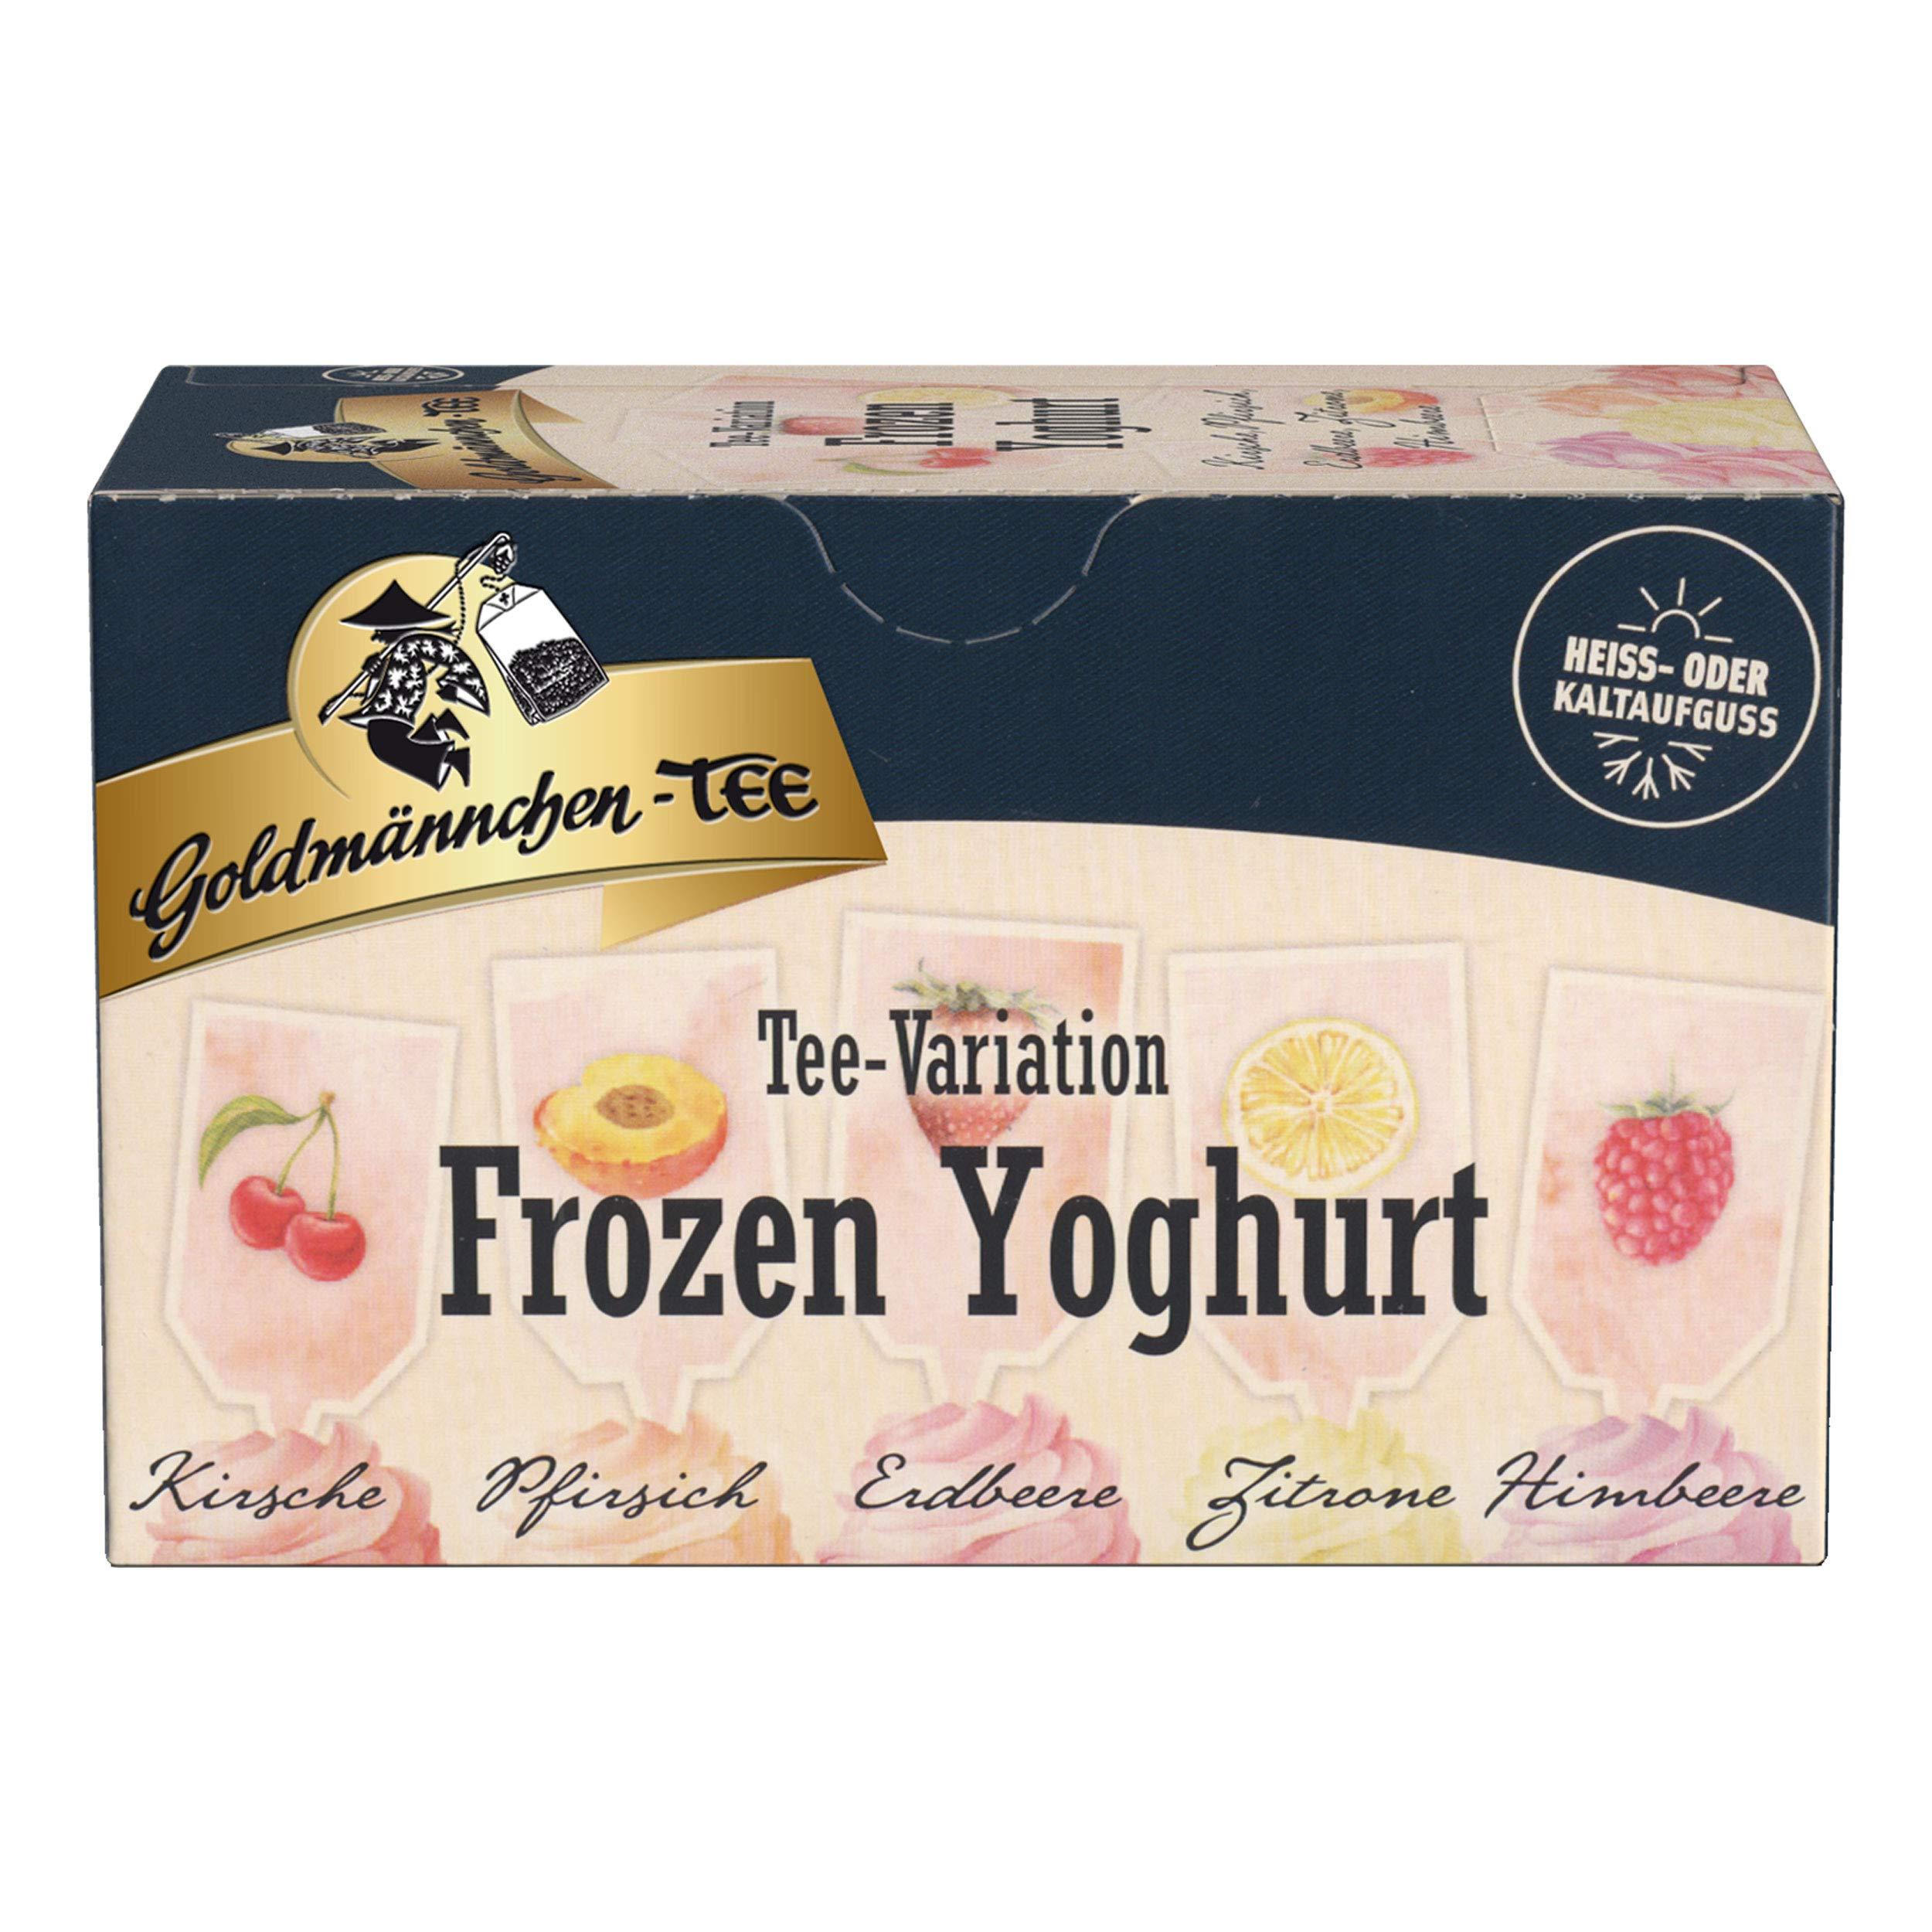 Goldmnnchen-Tee-Frozen-Yoghurt-1x50g-20-Filterbeutel–25g